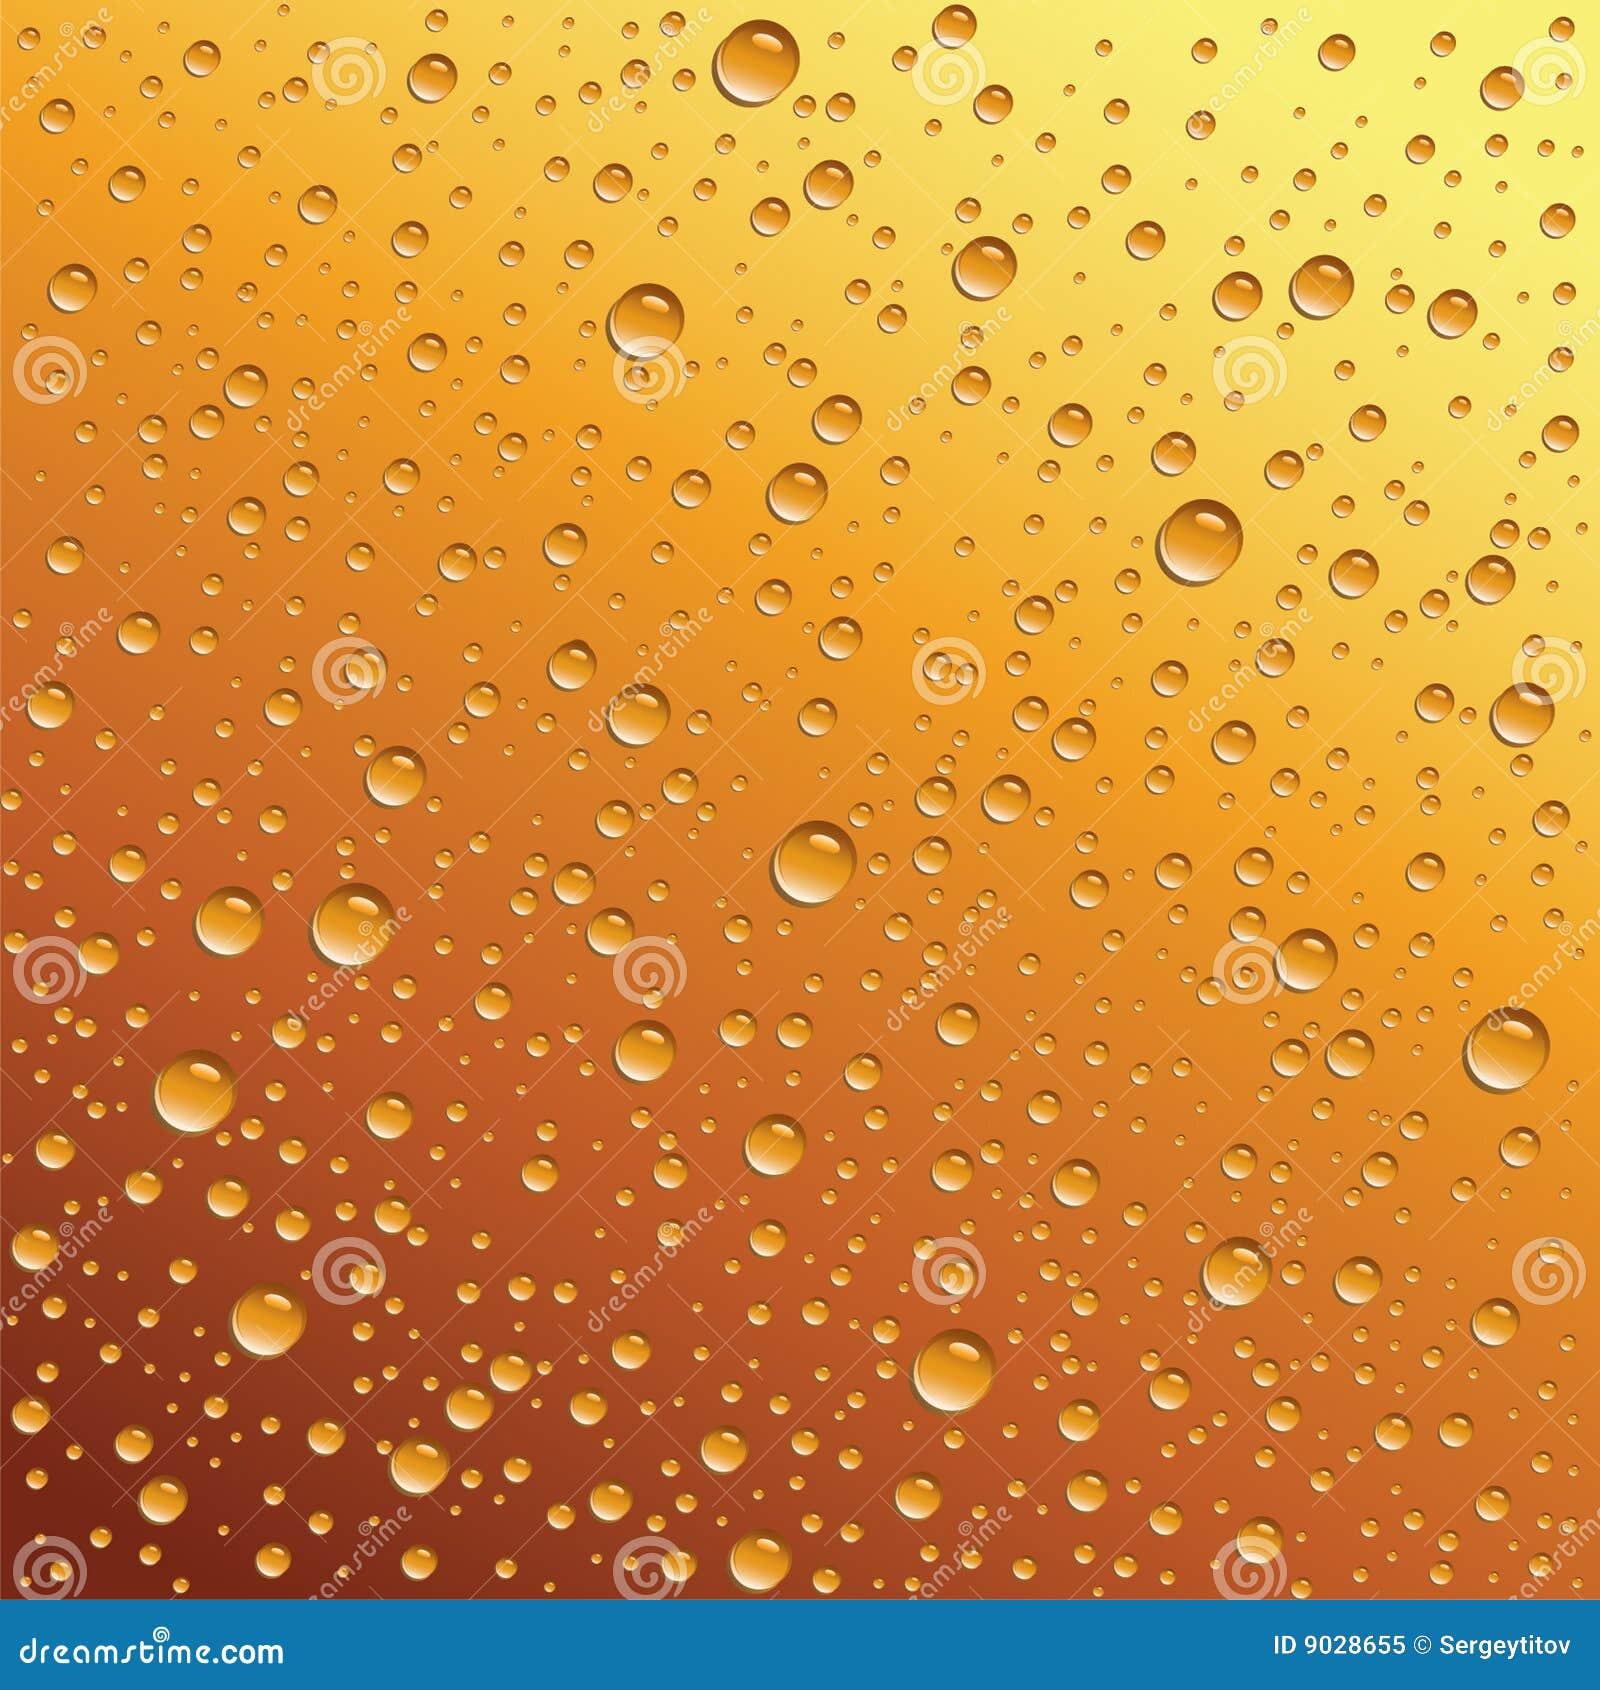 Water drops on beer